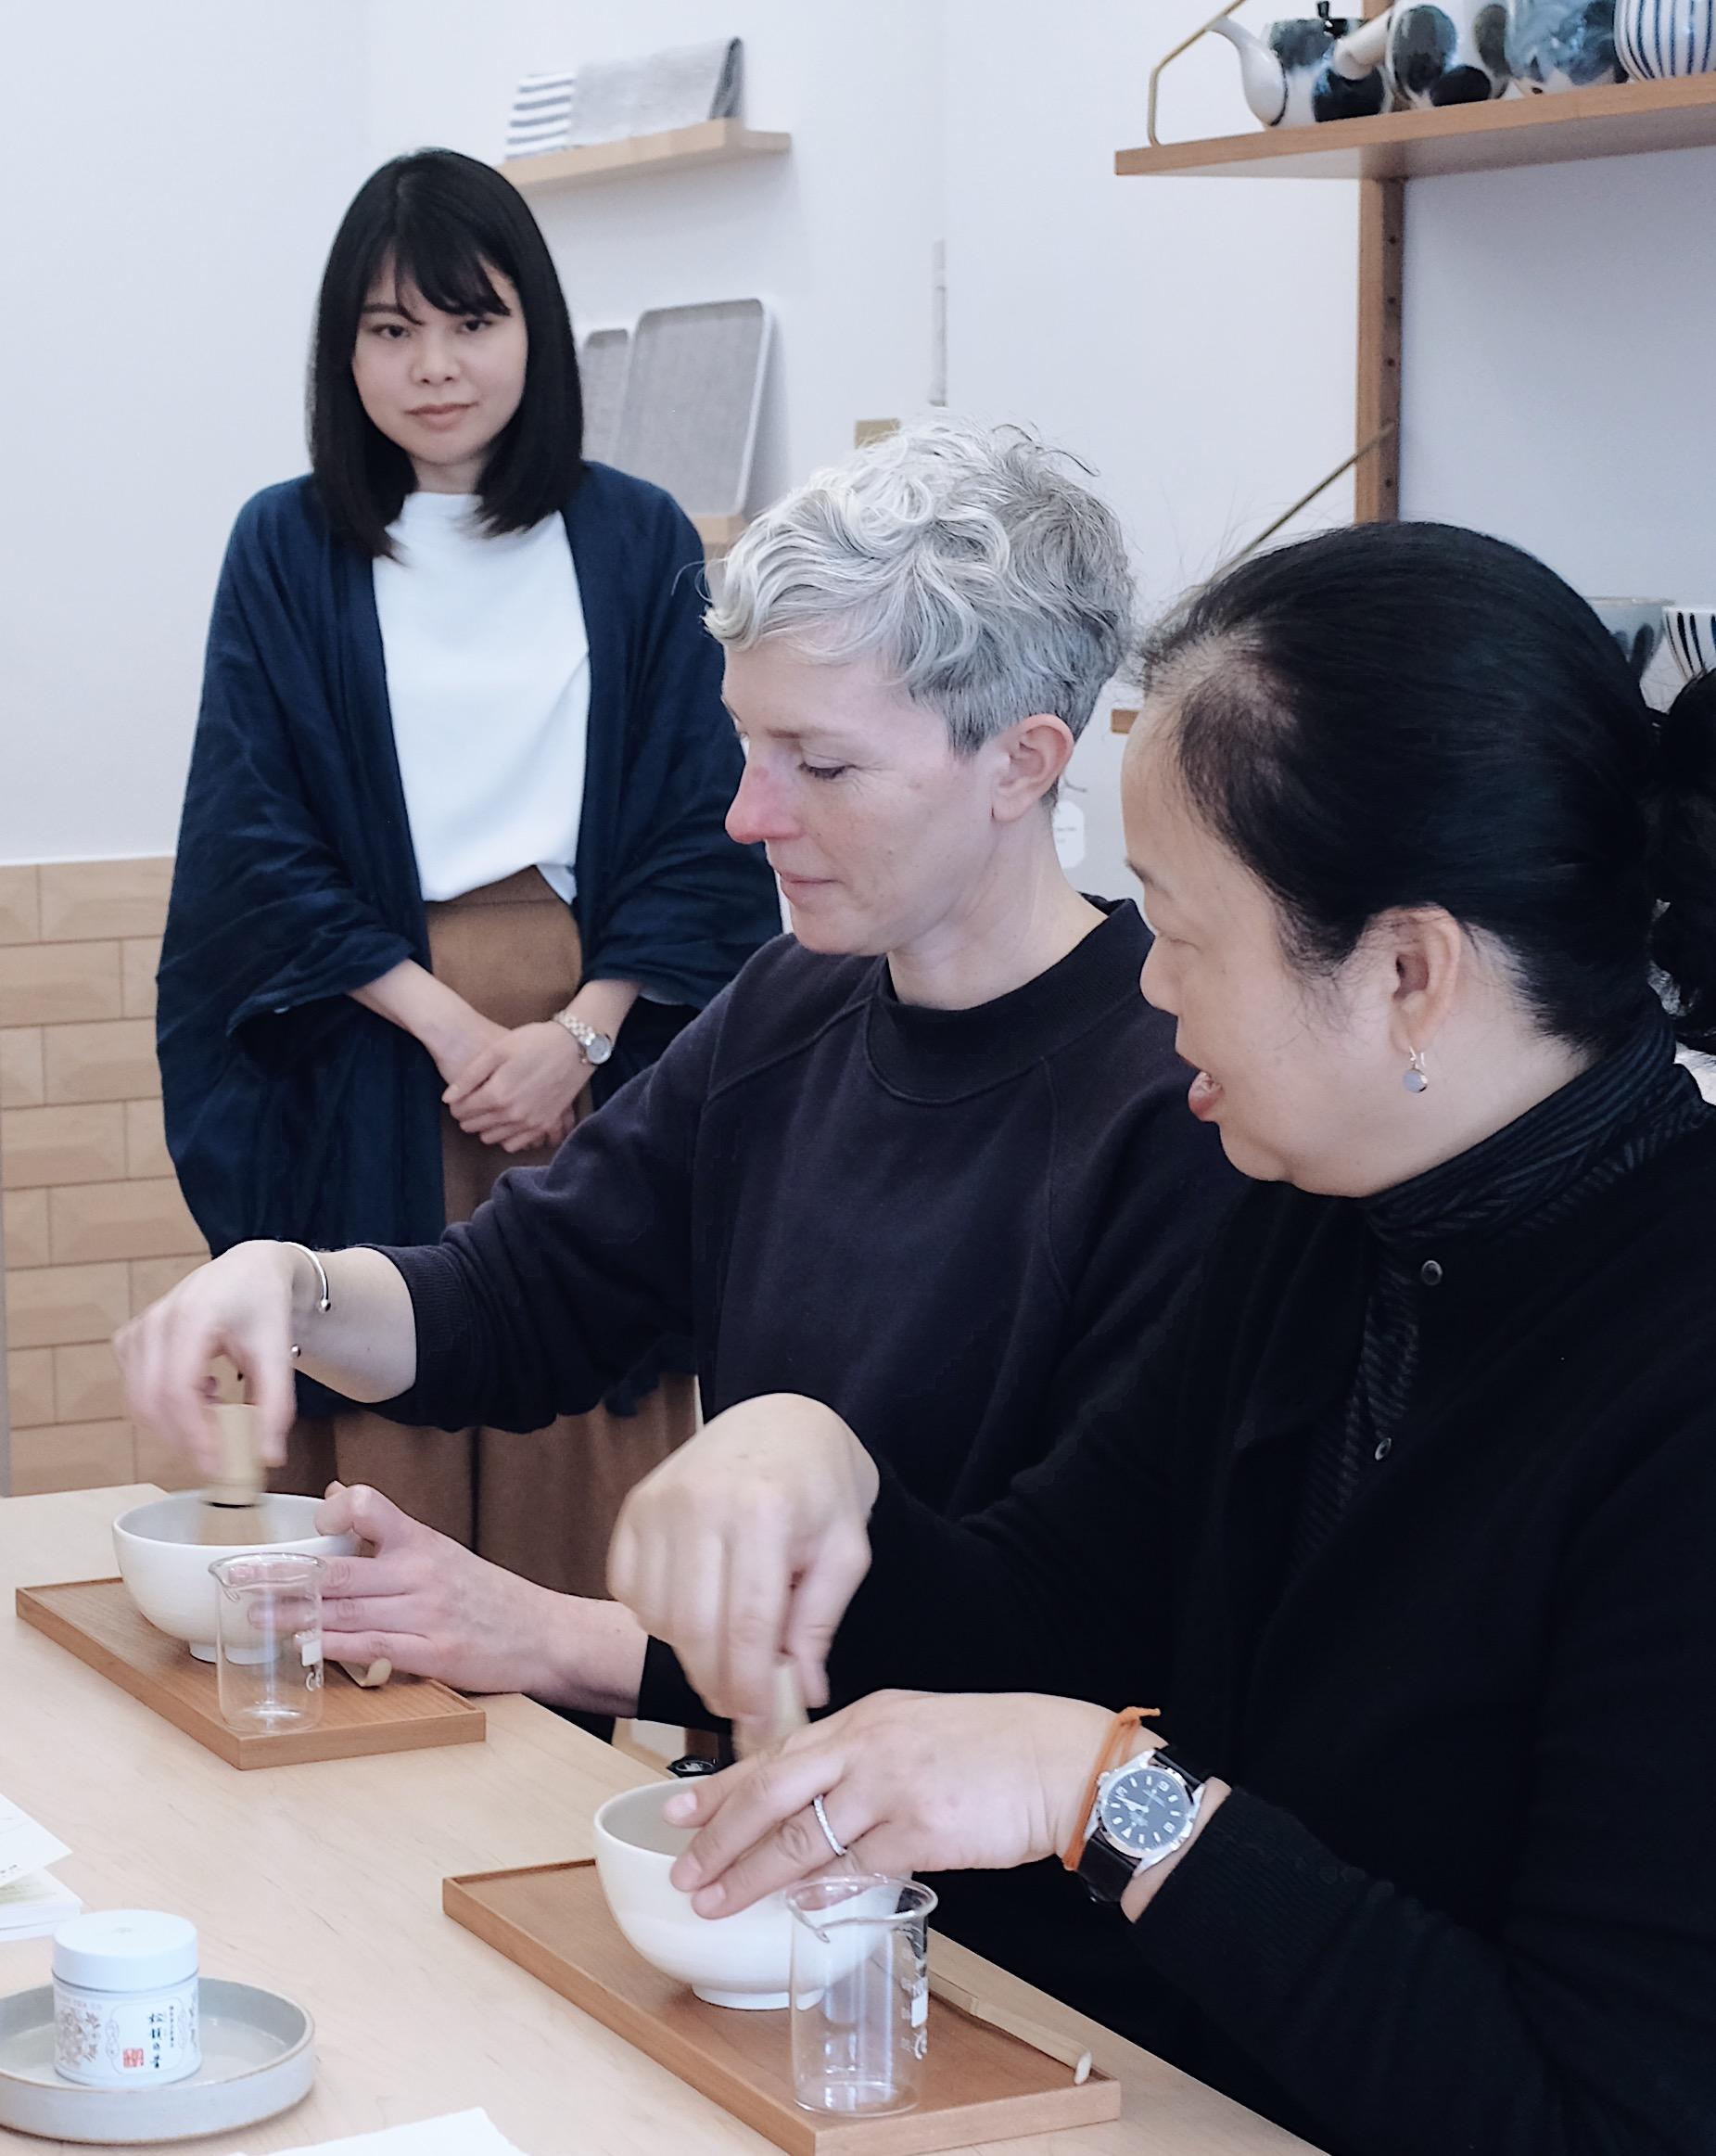 Matcha-Workshop-Ippodo-5-Native&Co.JPG